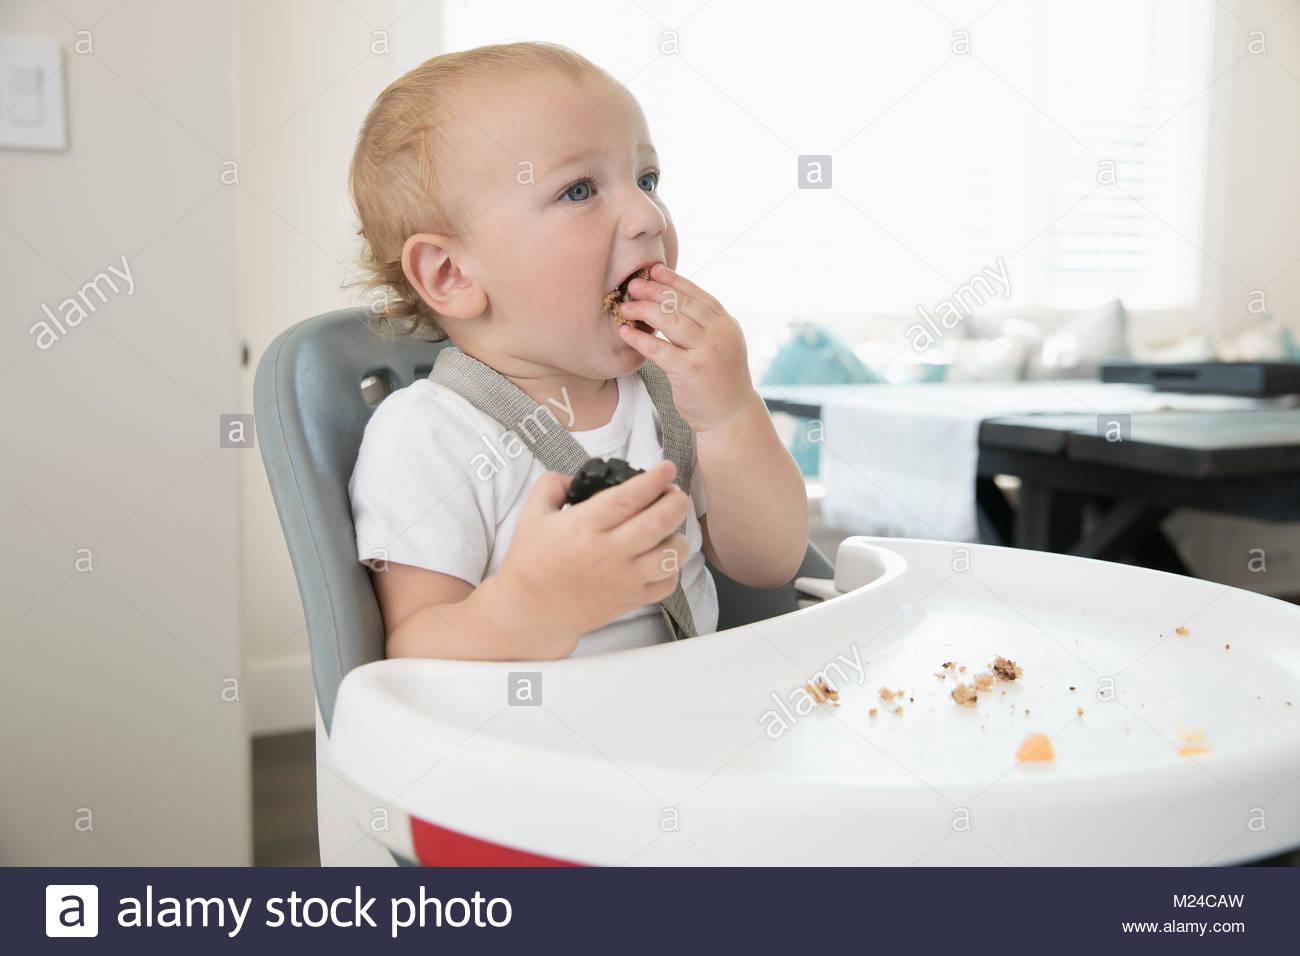 Unordentliche baby boy Essen im Hochstuhl Stockbild